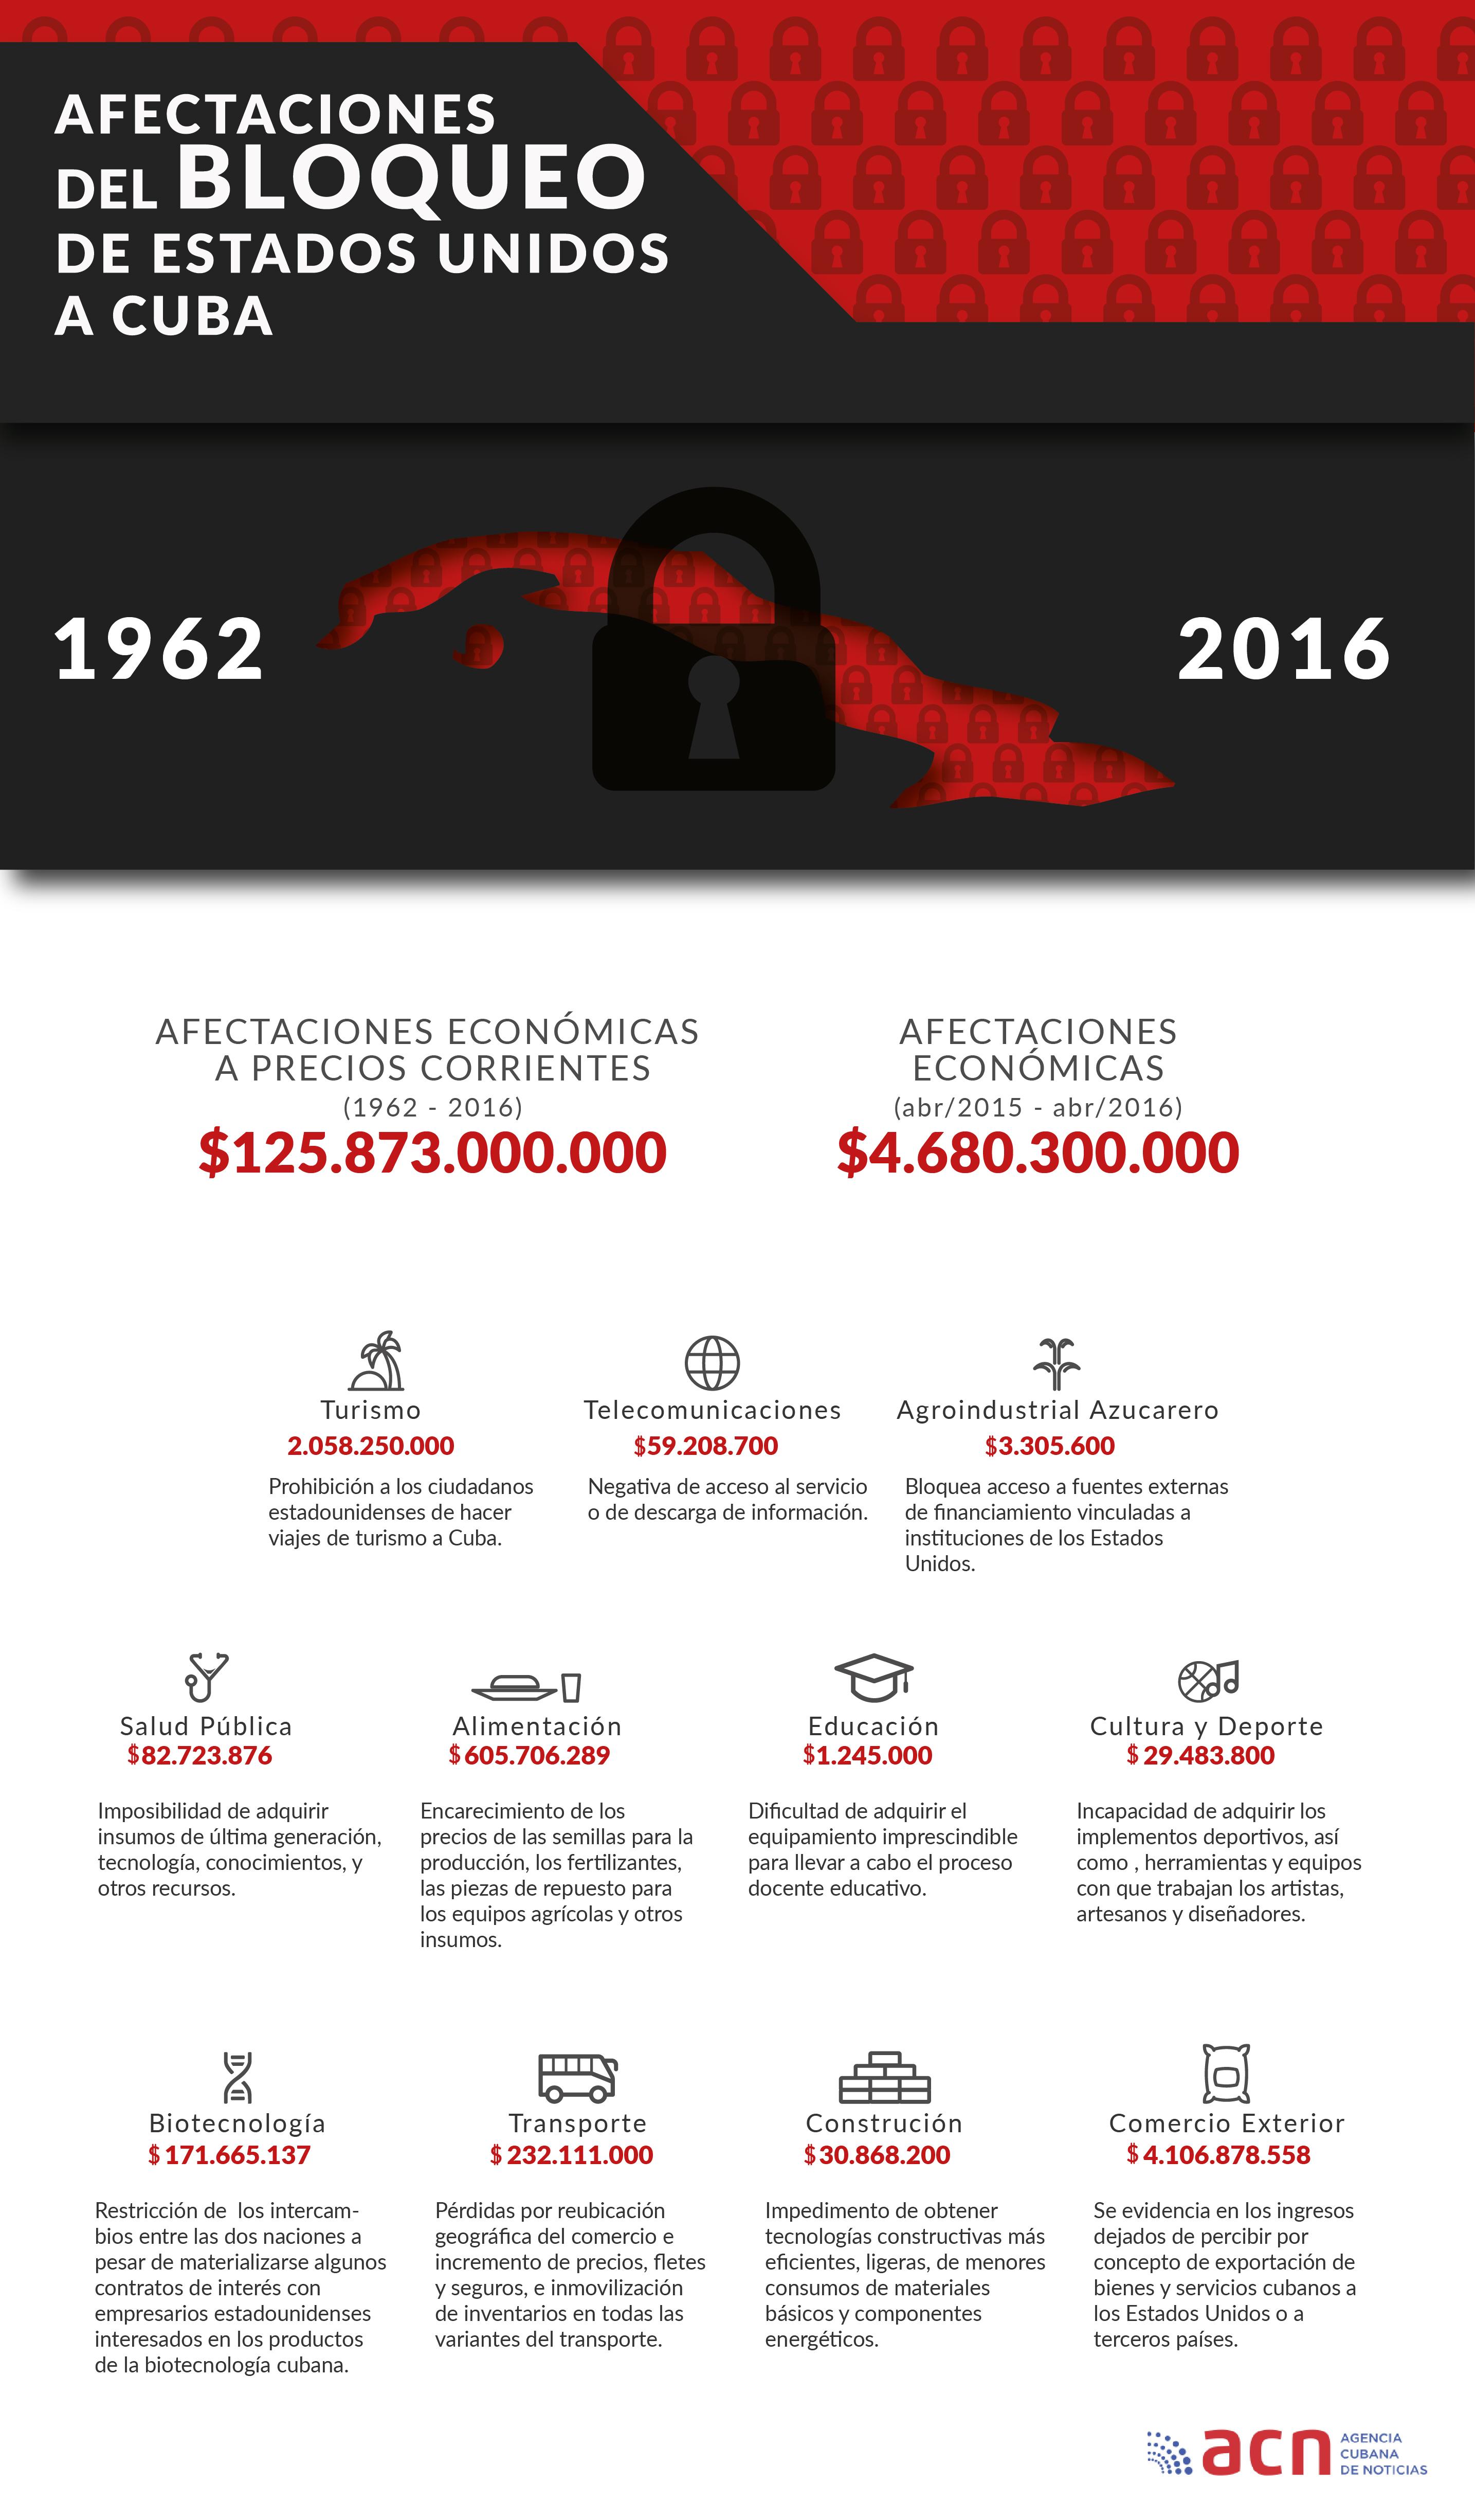 Afectaciones del bloqueo a Cuba